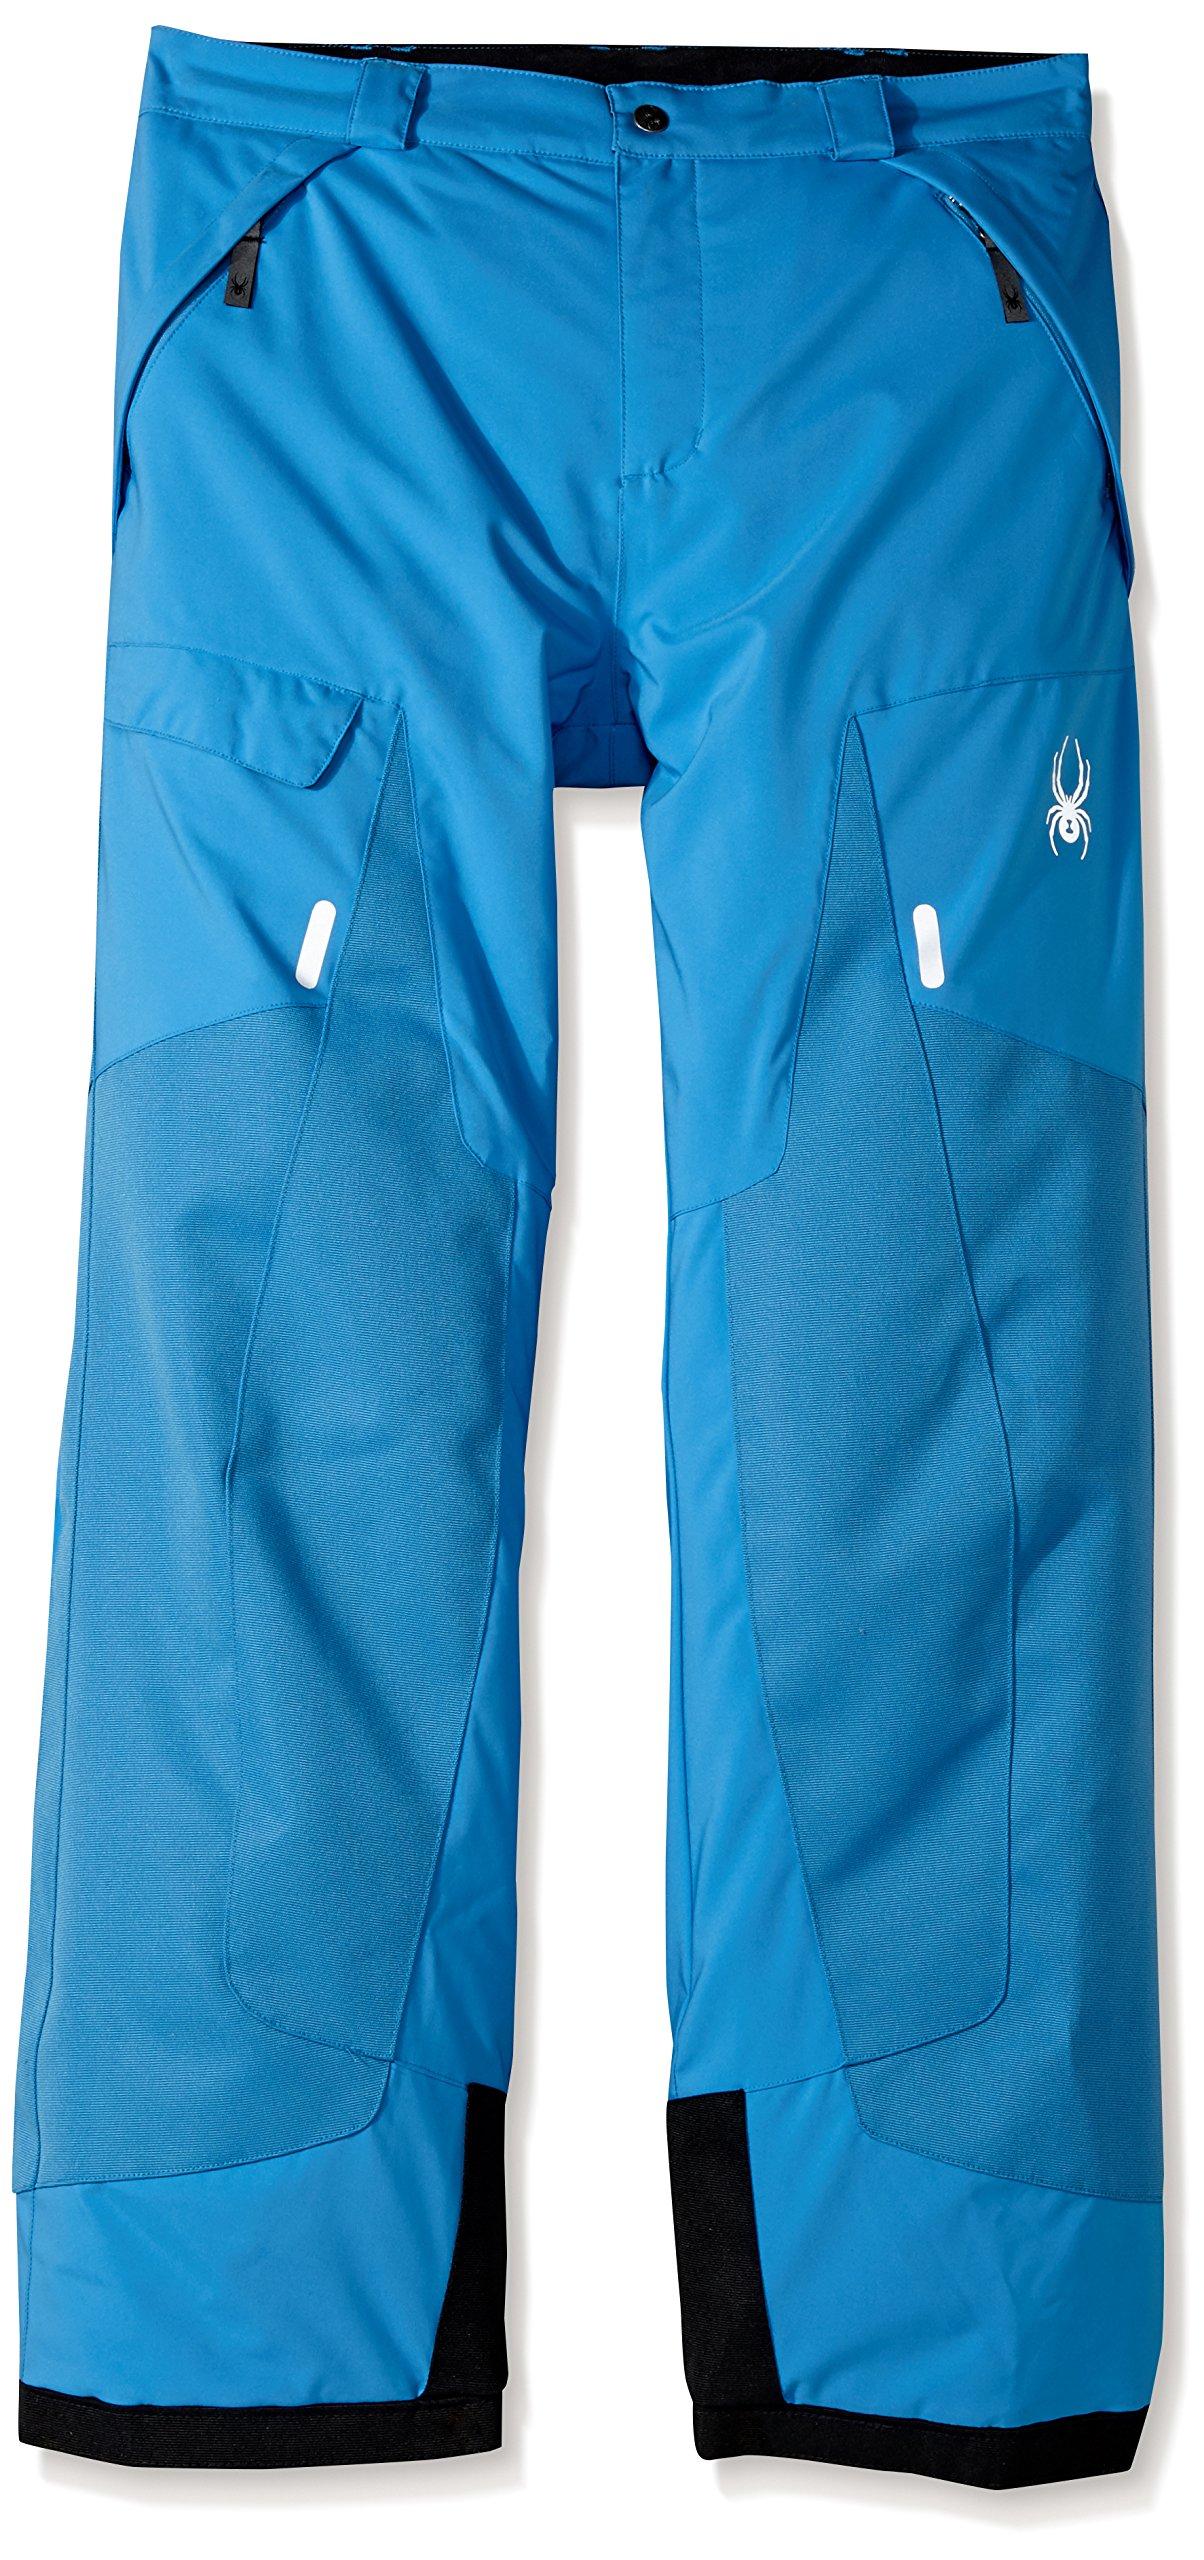 Spyder Boy's Action Ski Pant, French Blue, Size 16 by Spyder